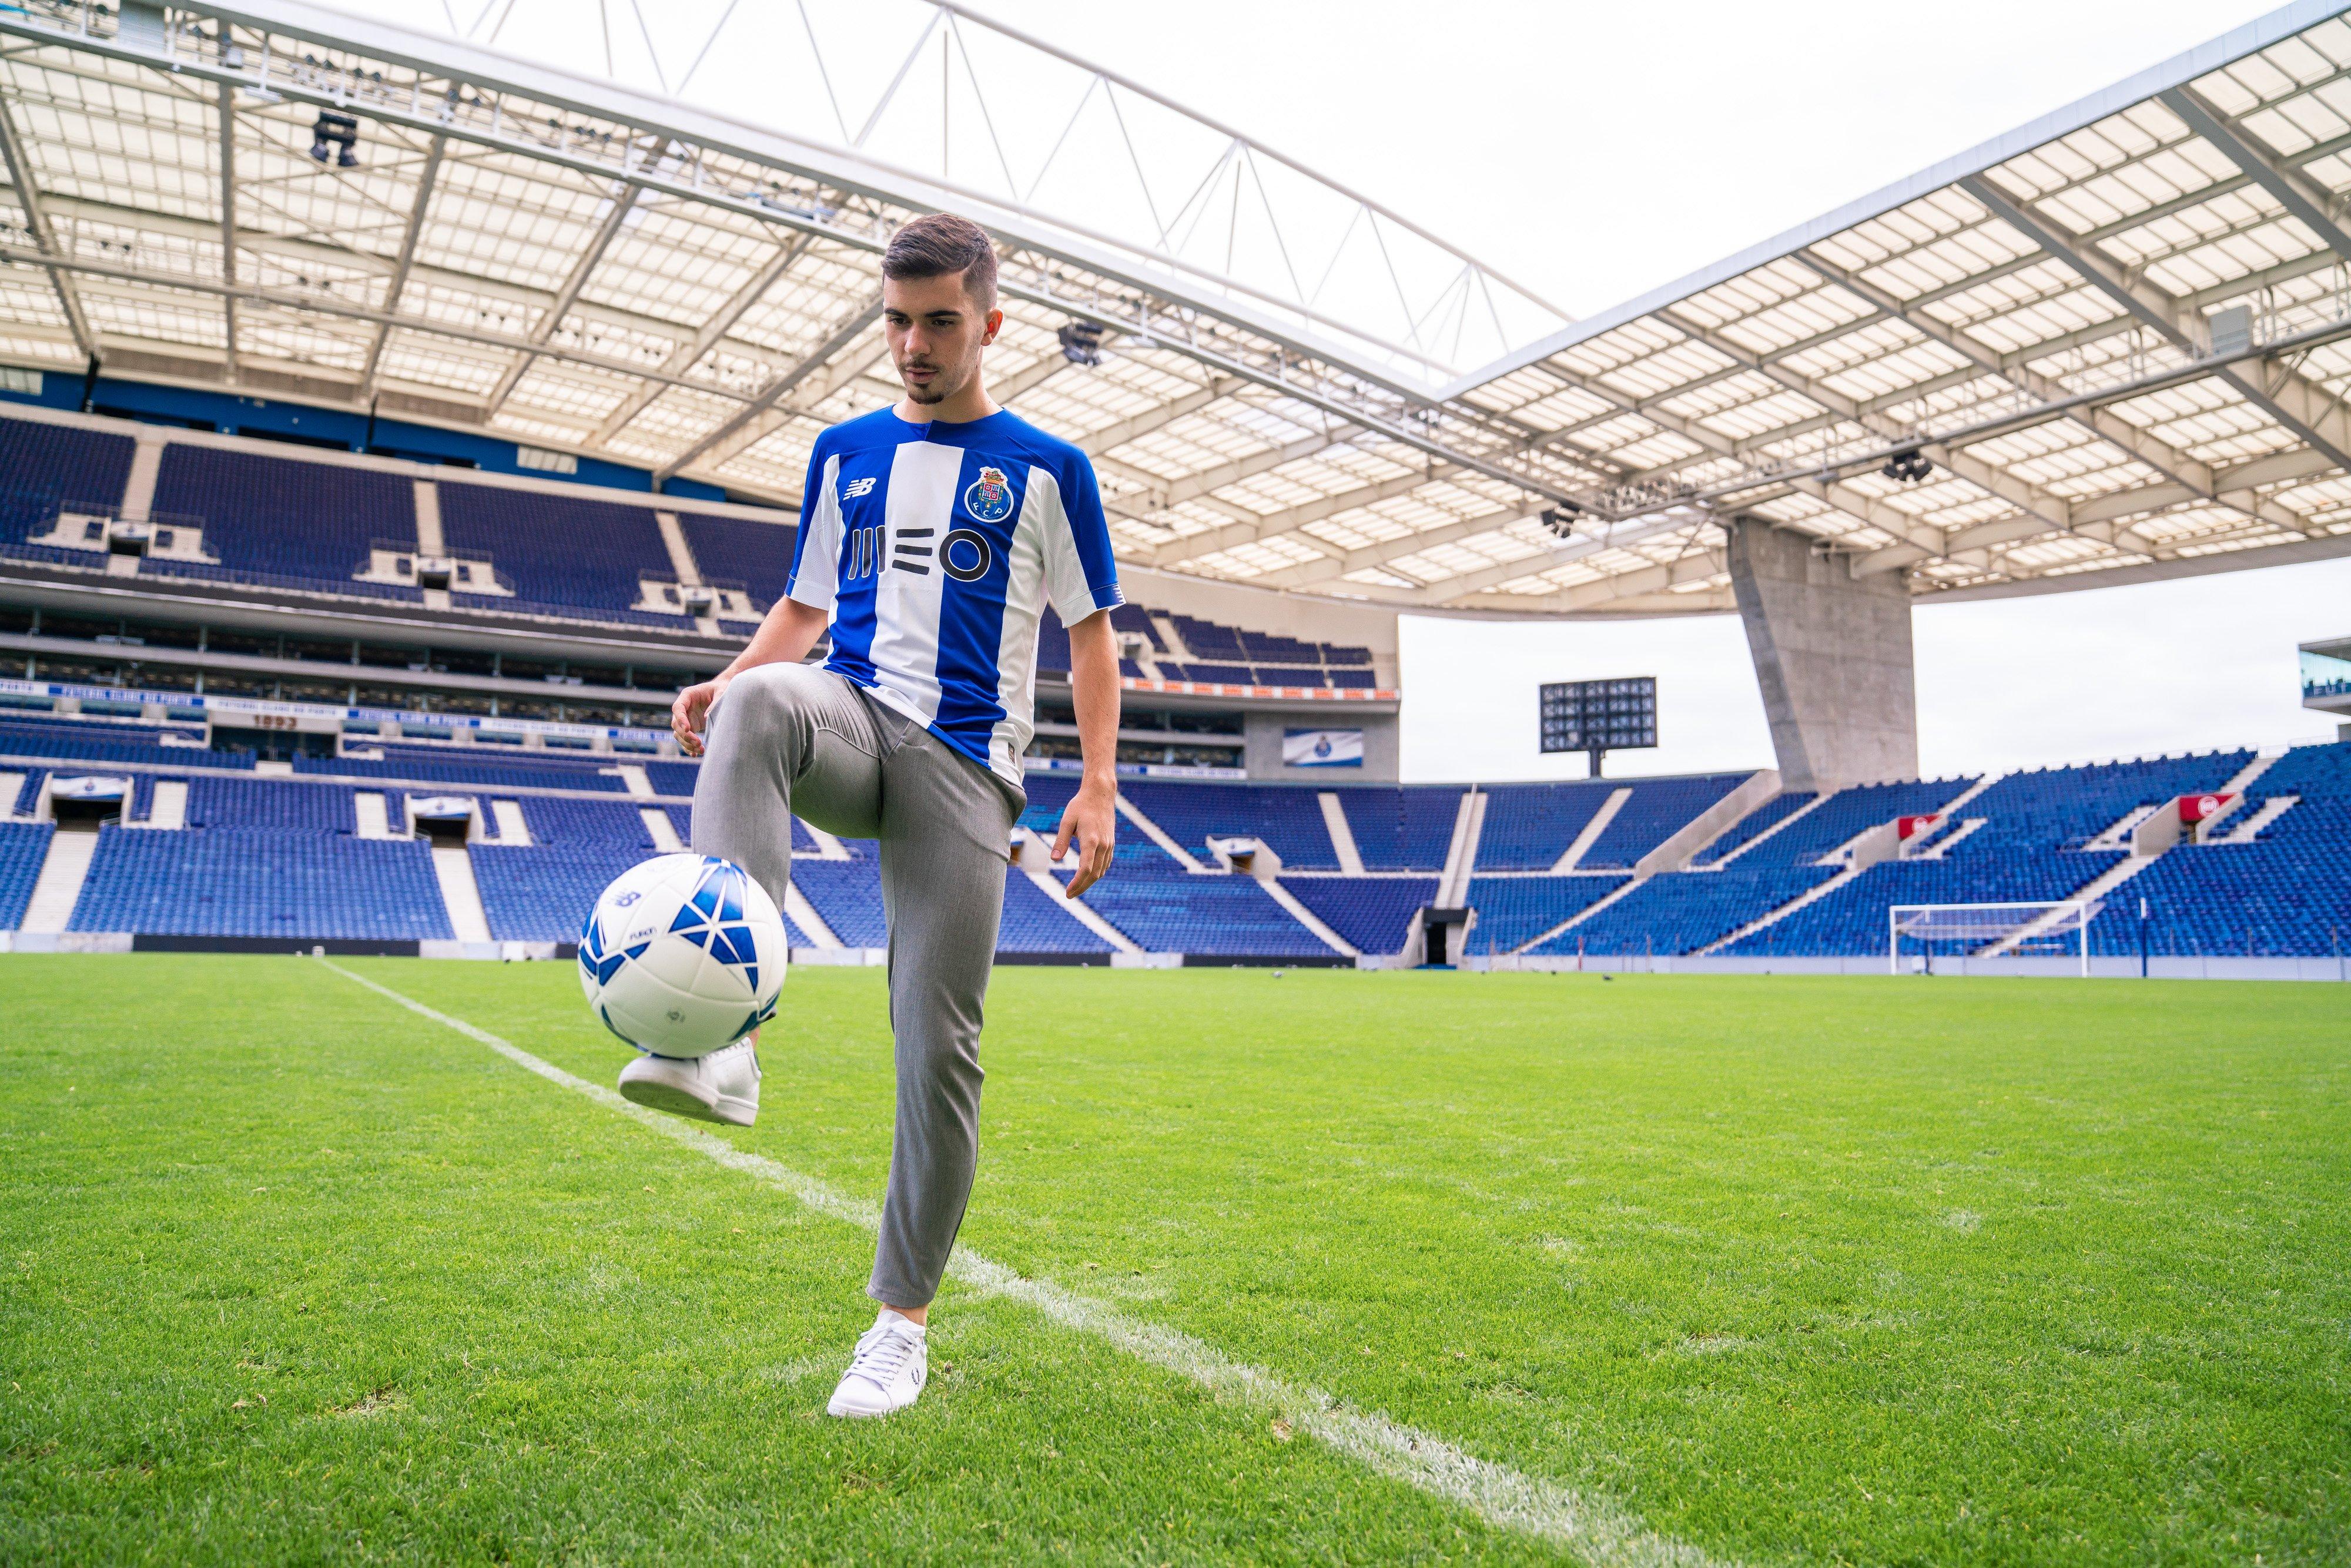 """Vítor Ferreira a viver """"uma época de sonho"""" no FC Porto"""